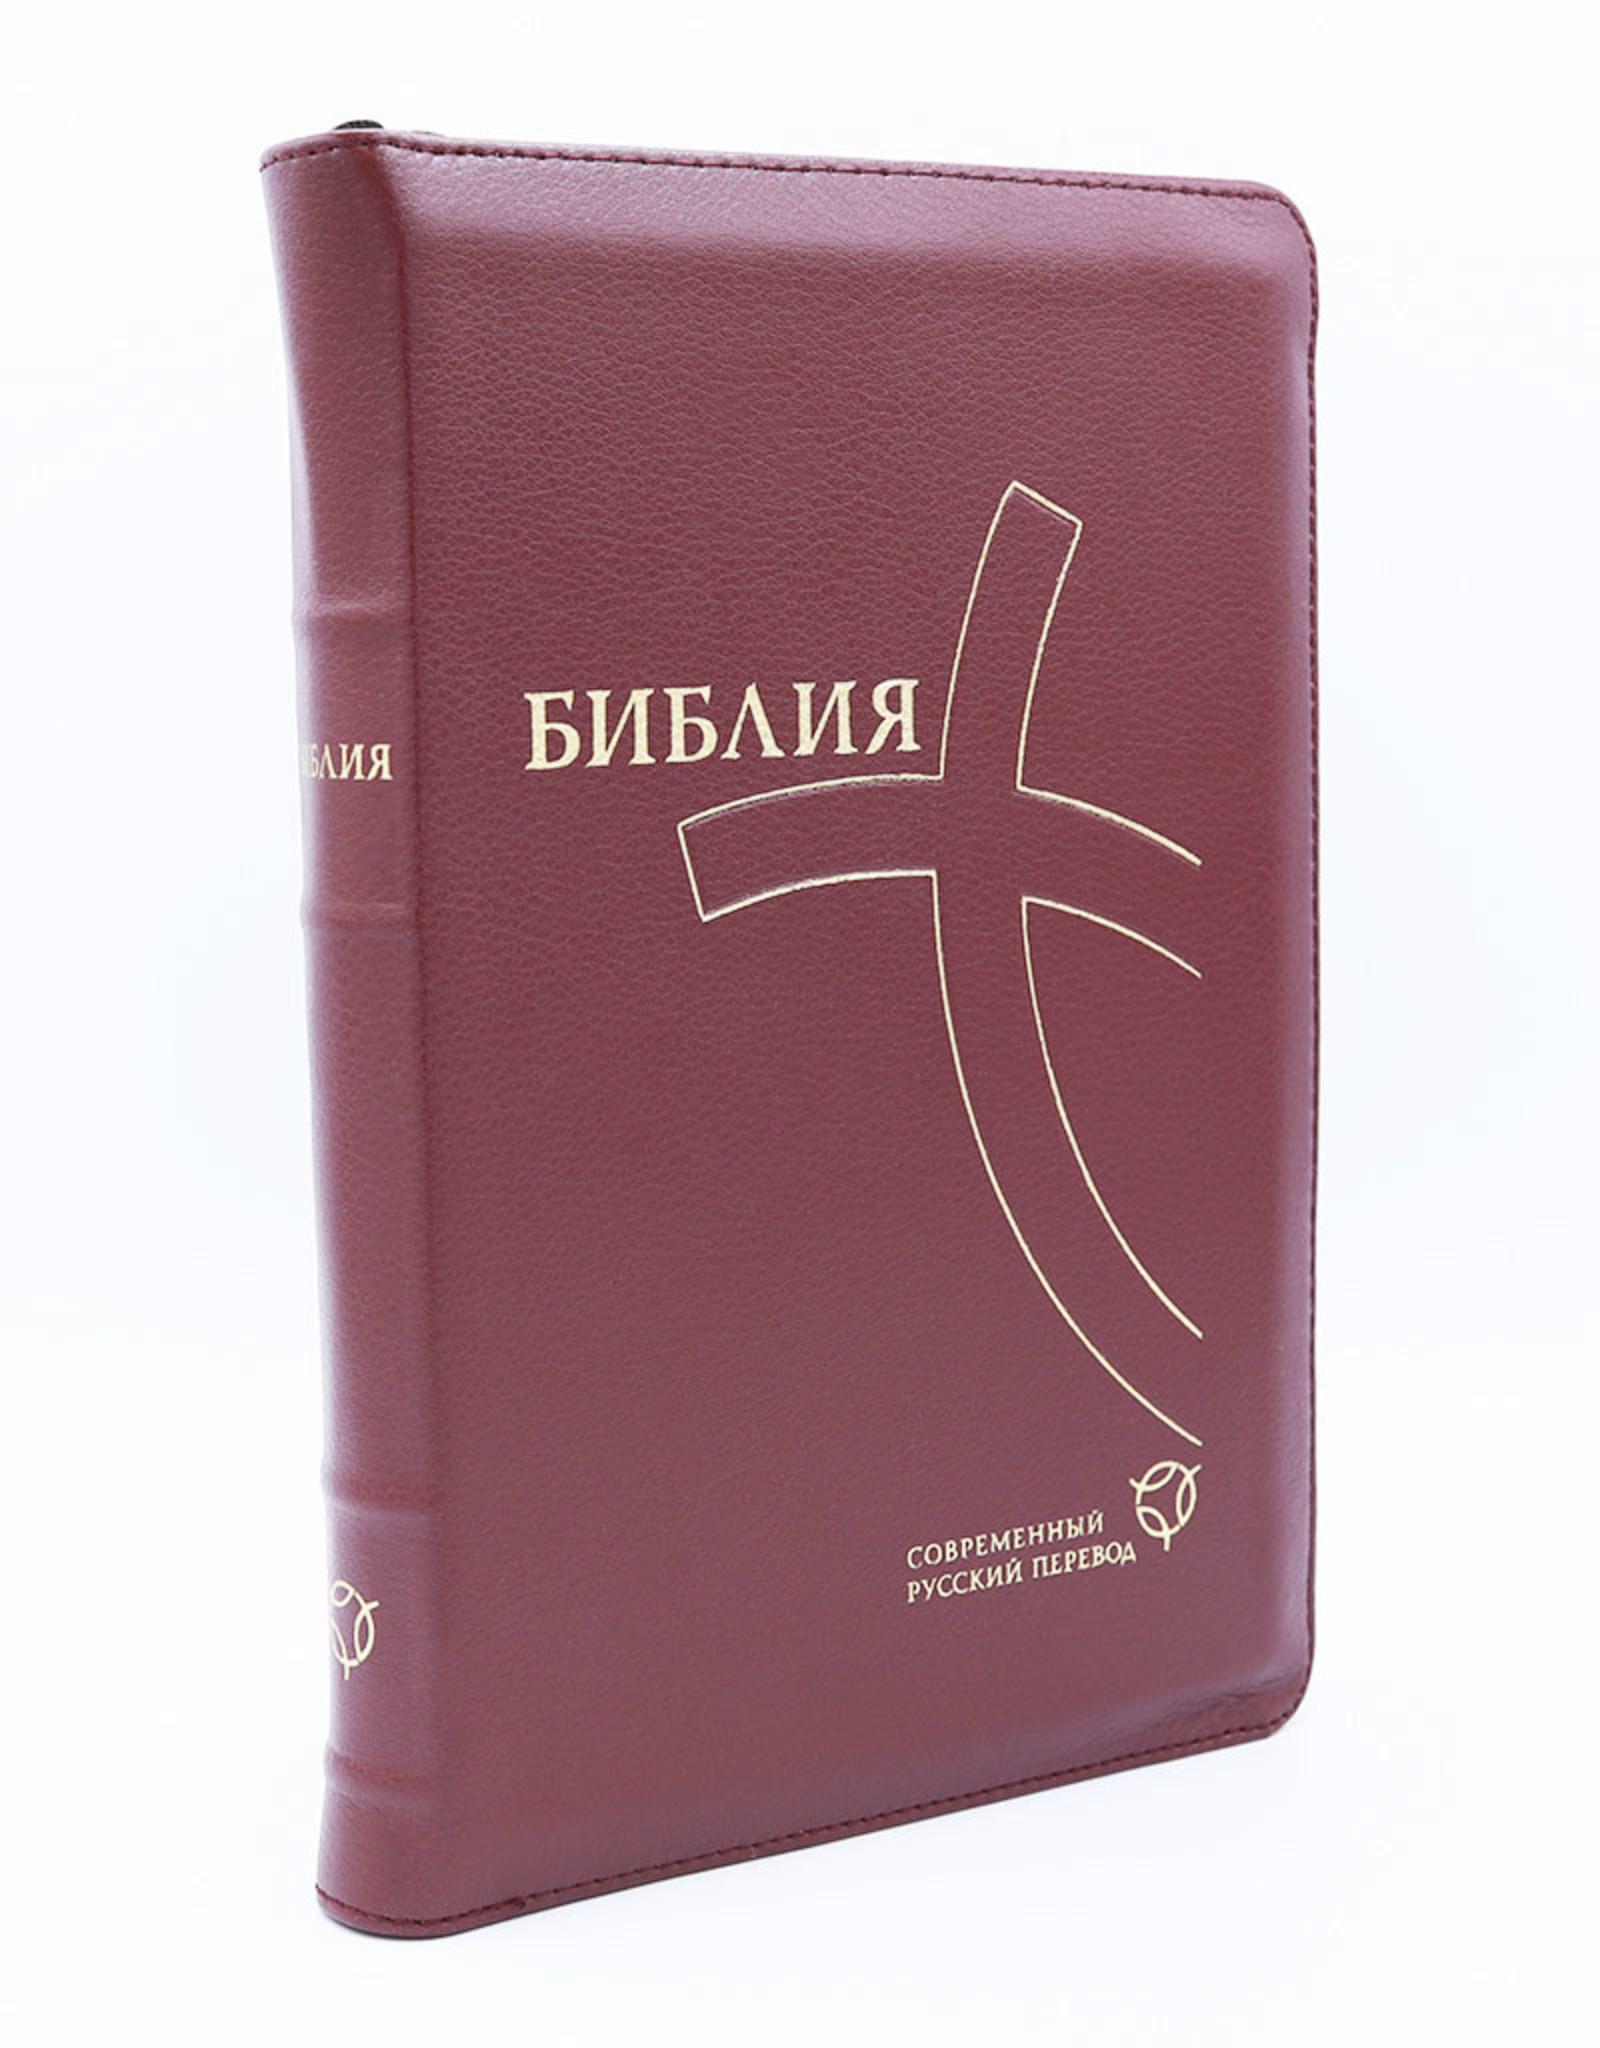 Библия, Современный Русский Перевод, Large, Crimson, Index